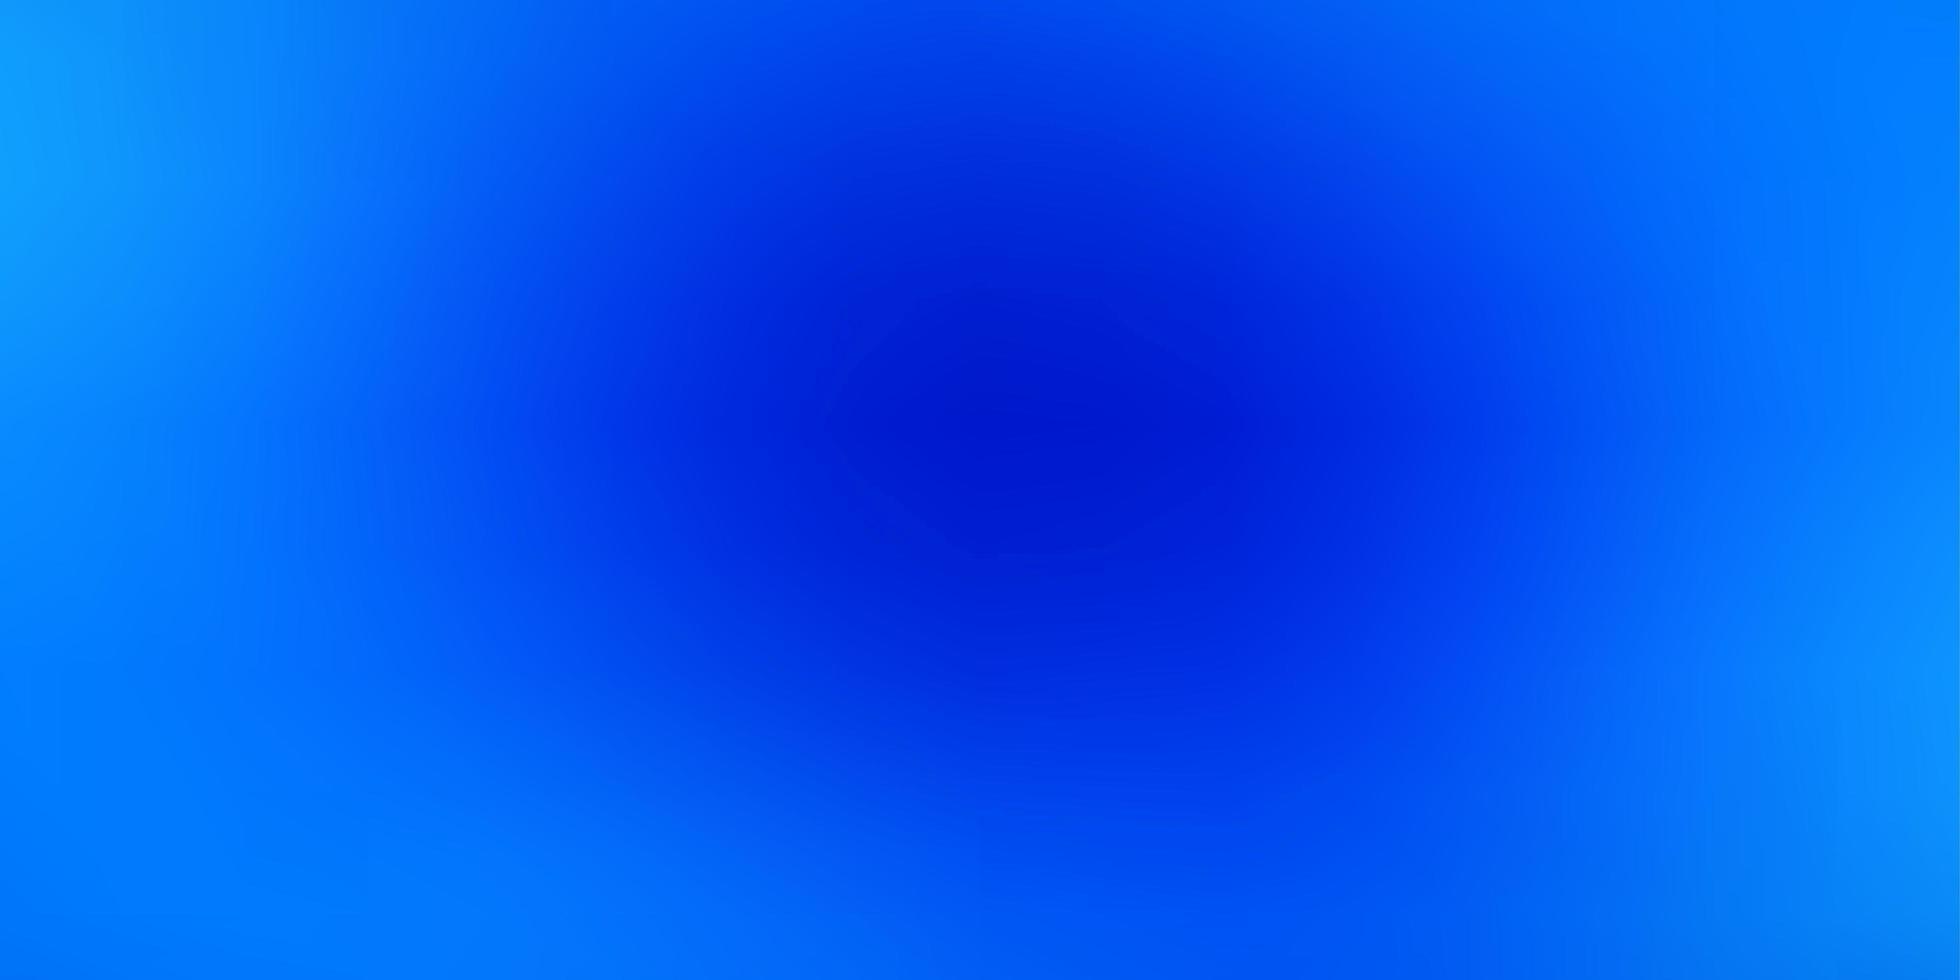 diseño abstracto azul. vector